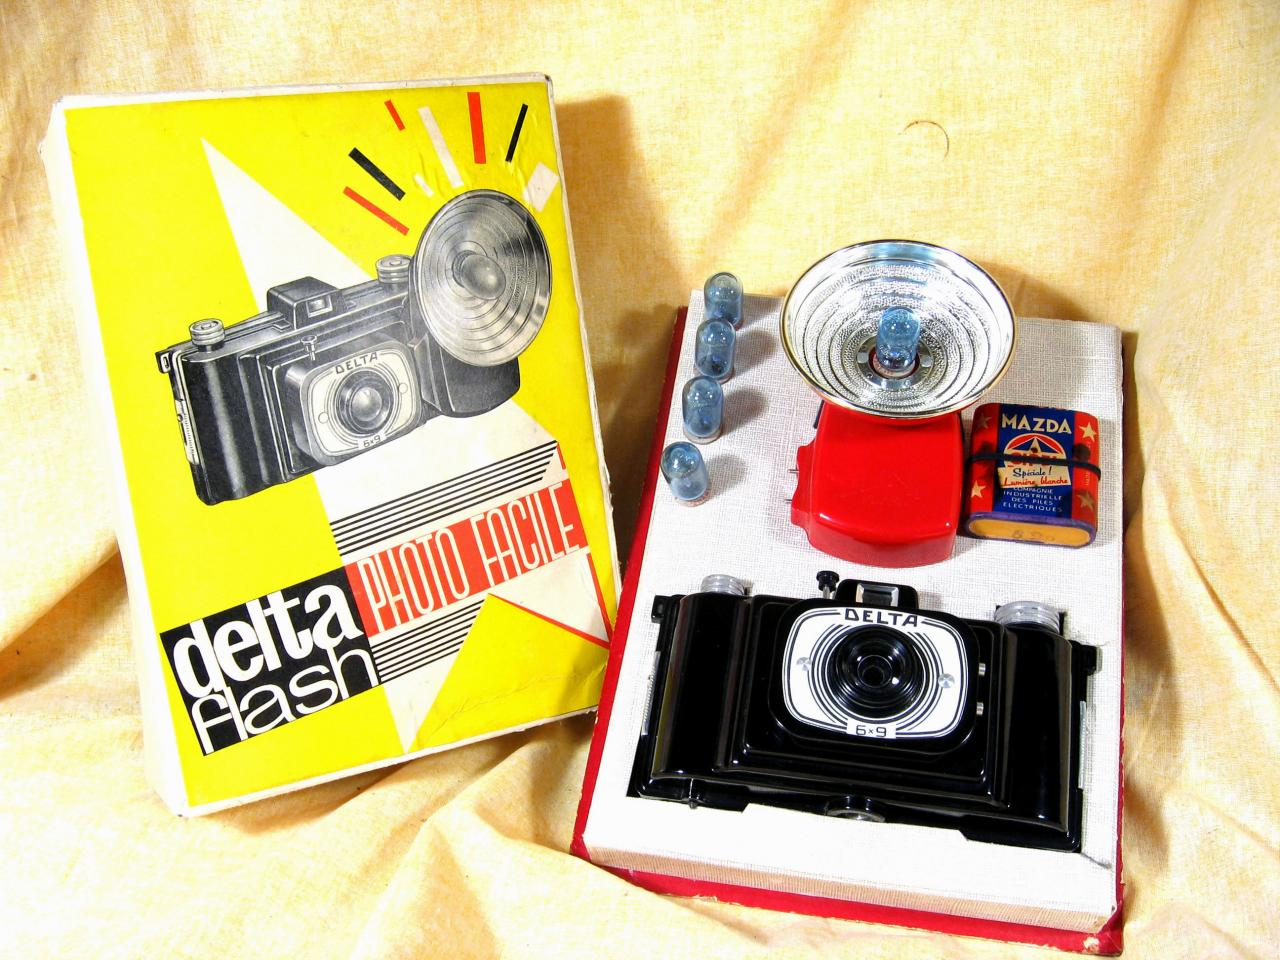 Wallpaper 2983-12  FEX  Delta en coffret, collection AMI Appareils photos